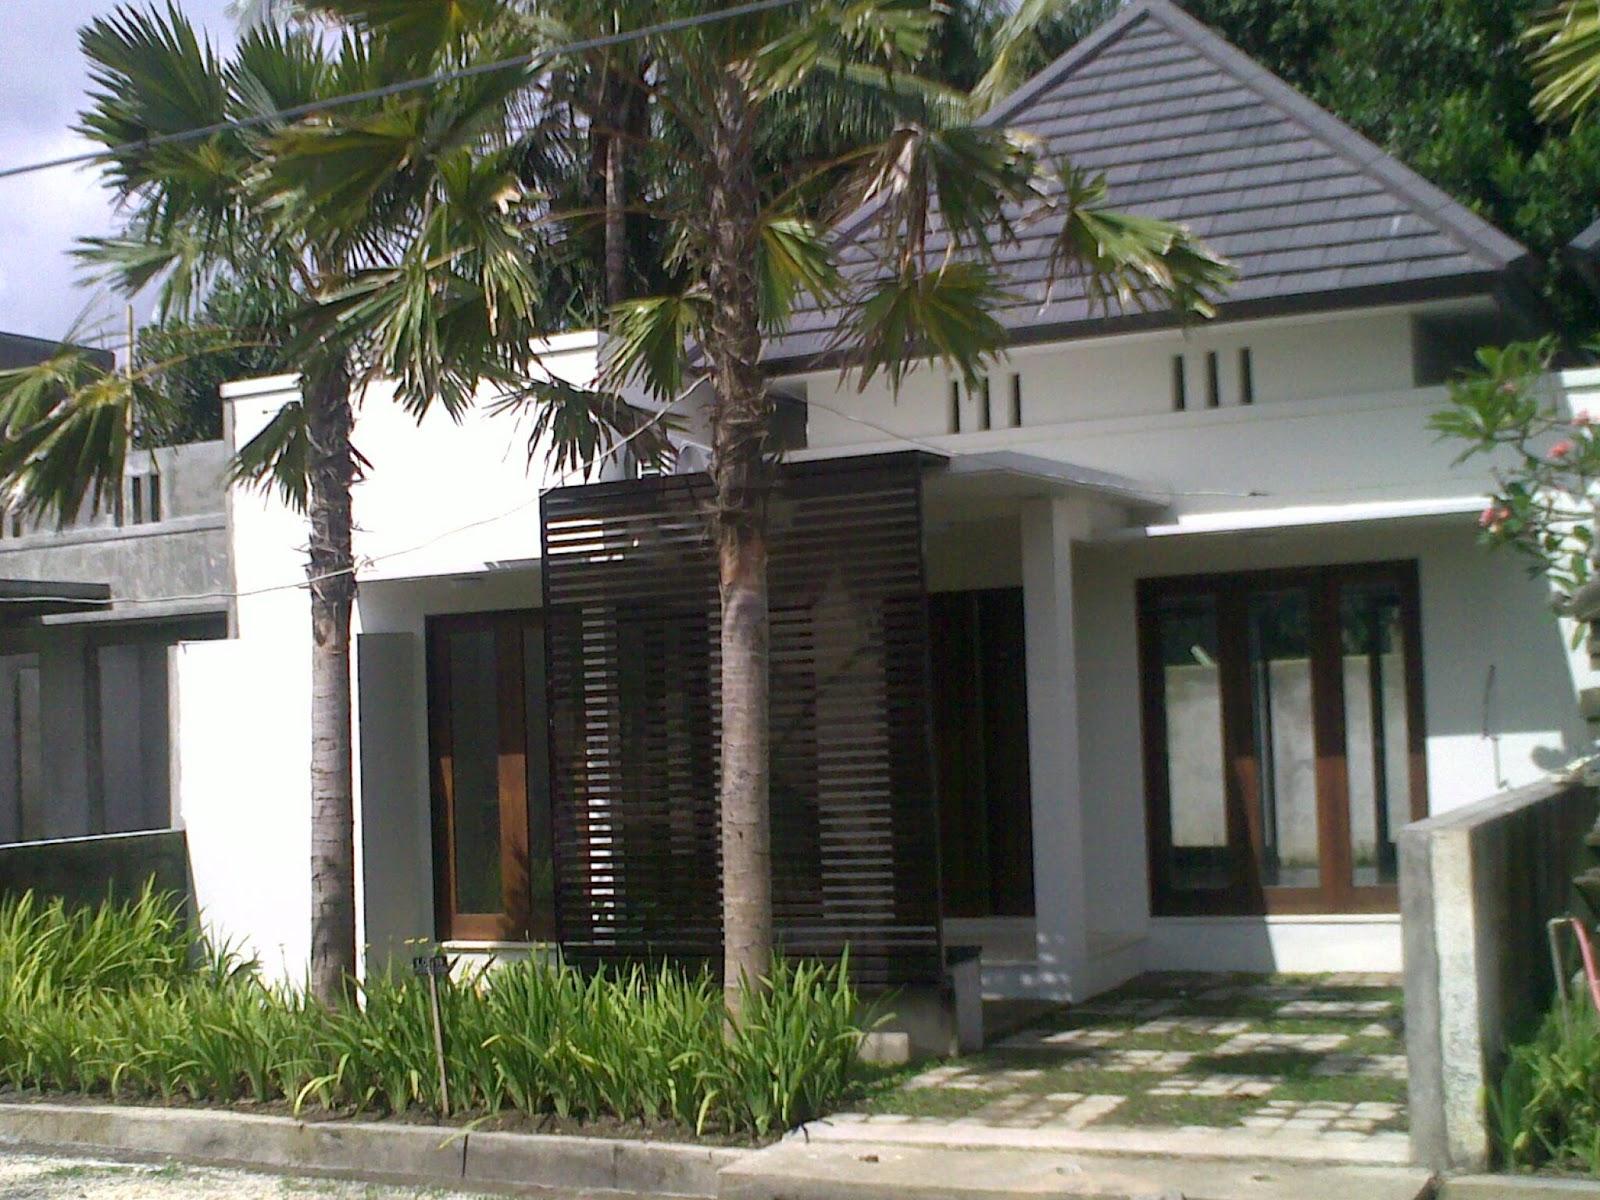 69 Desain Rumah Minimalis Ukuran Tanah 50 Meter Desain